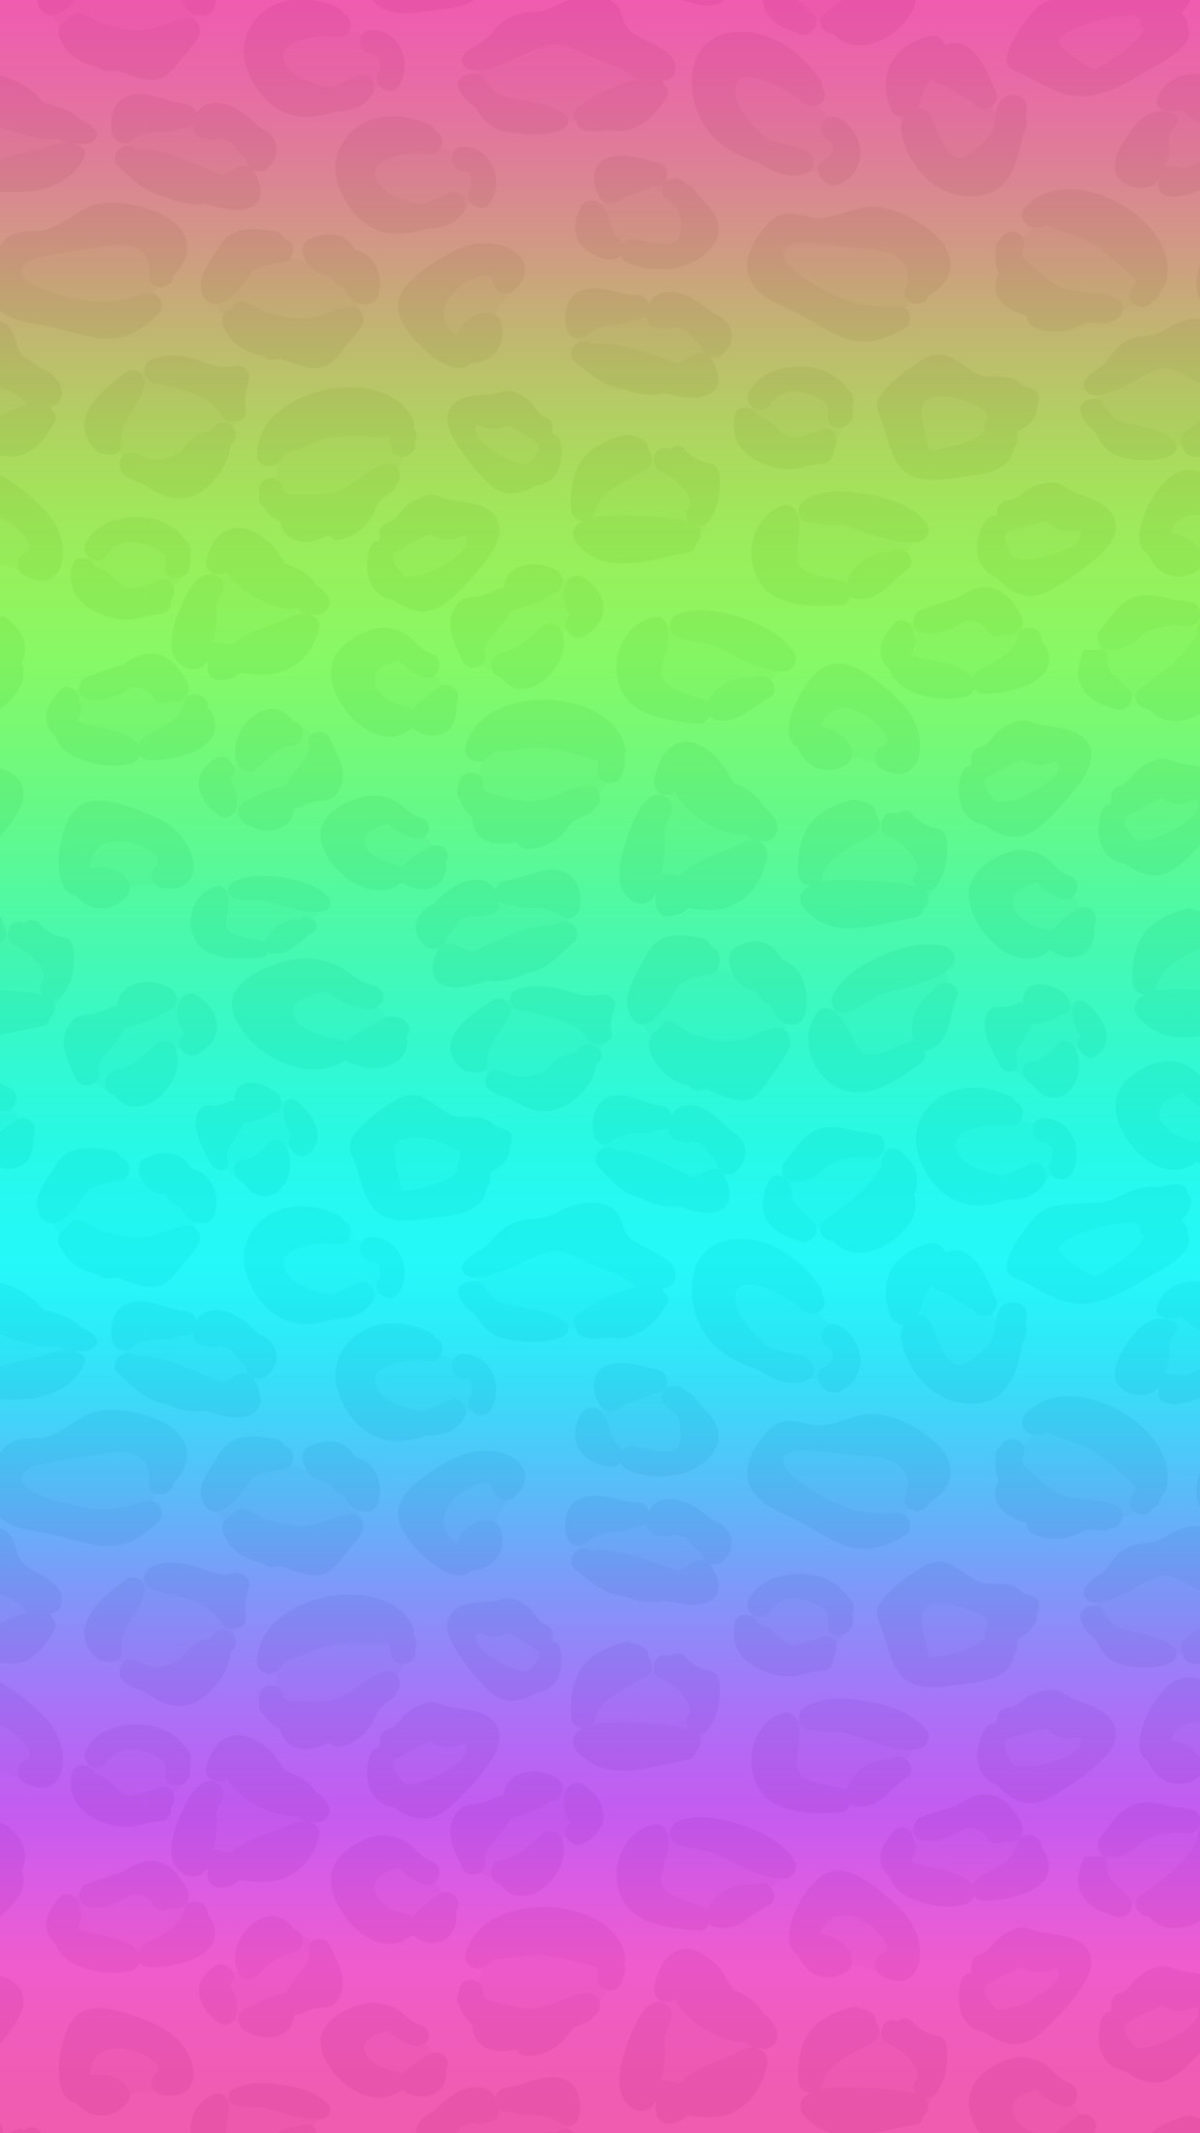 Gradient, ombre, pink, blue, purple